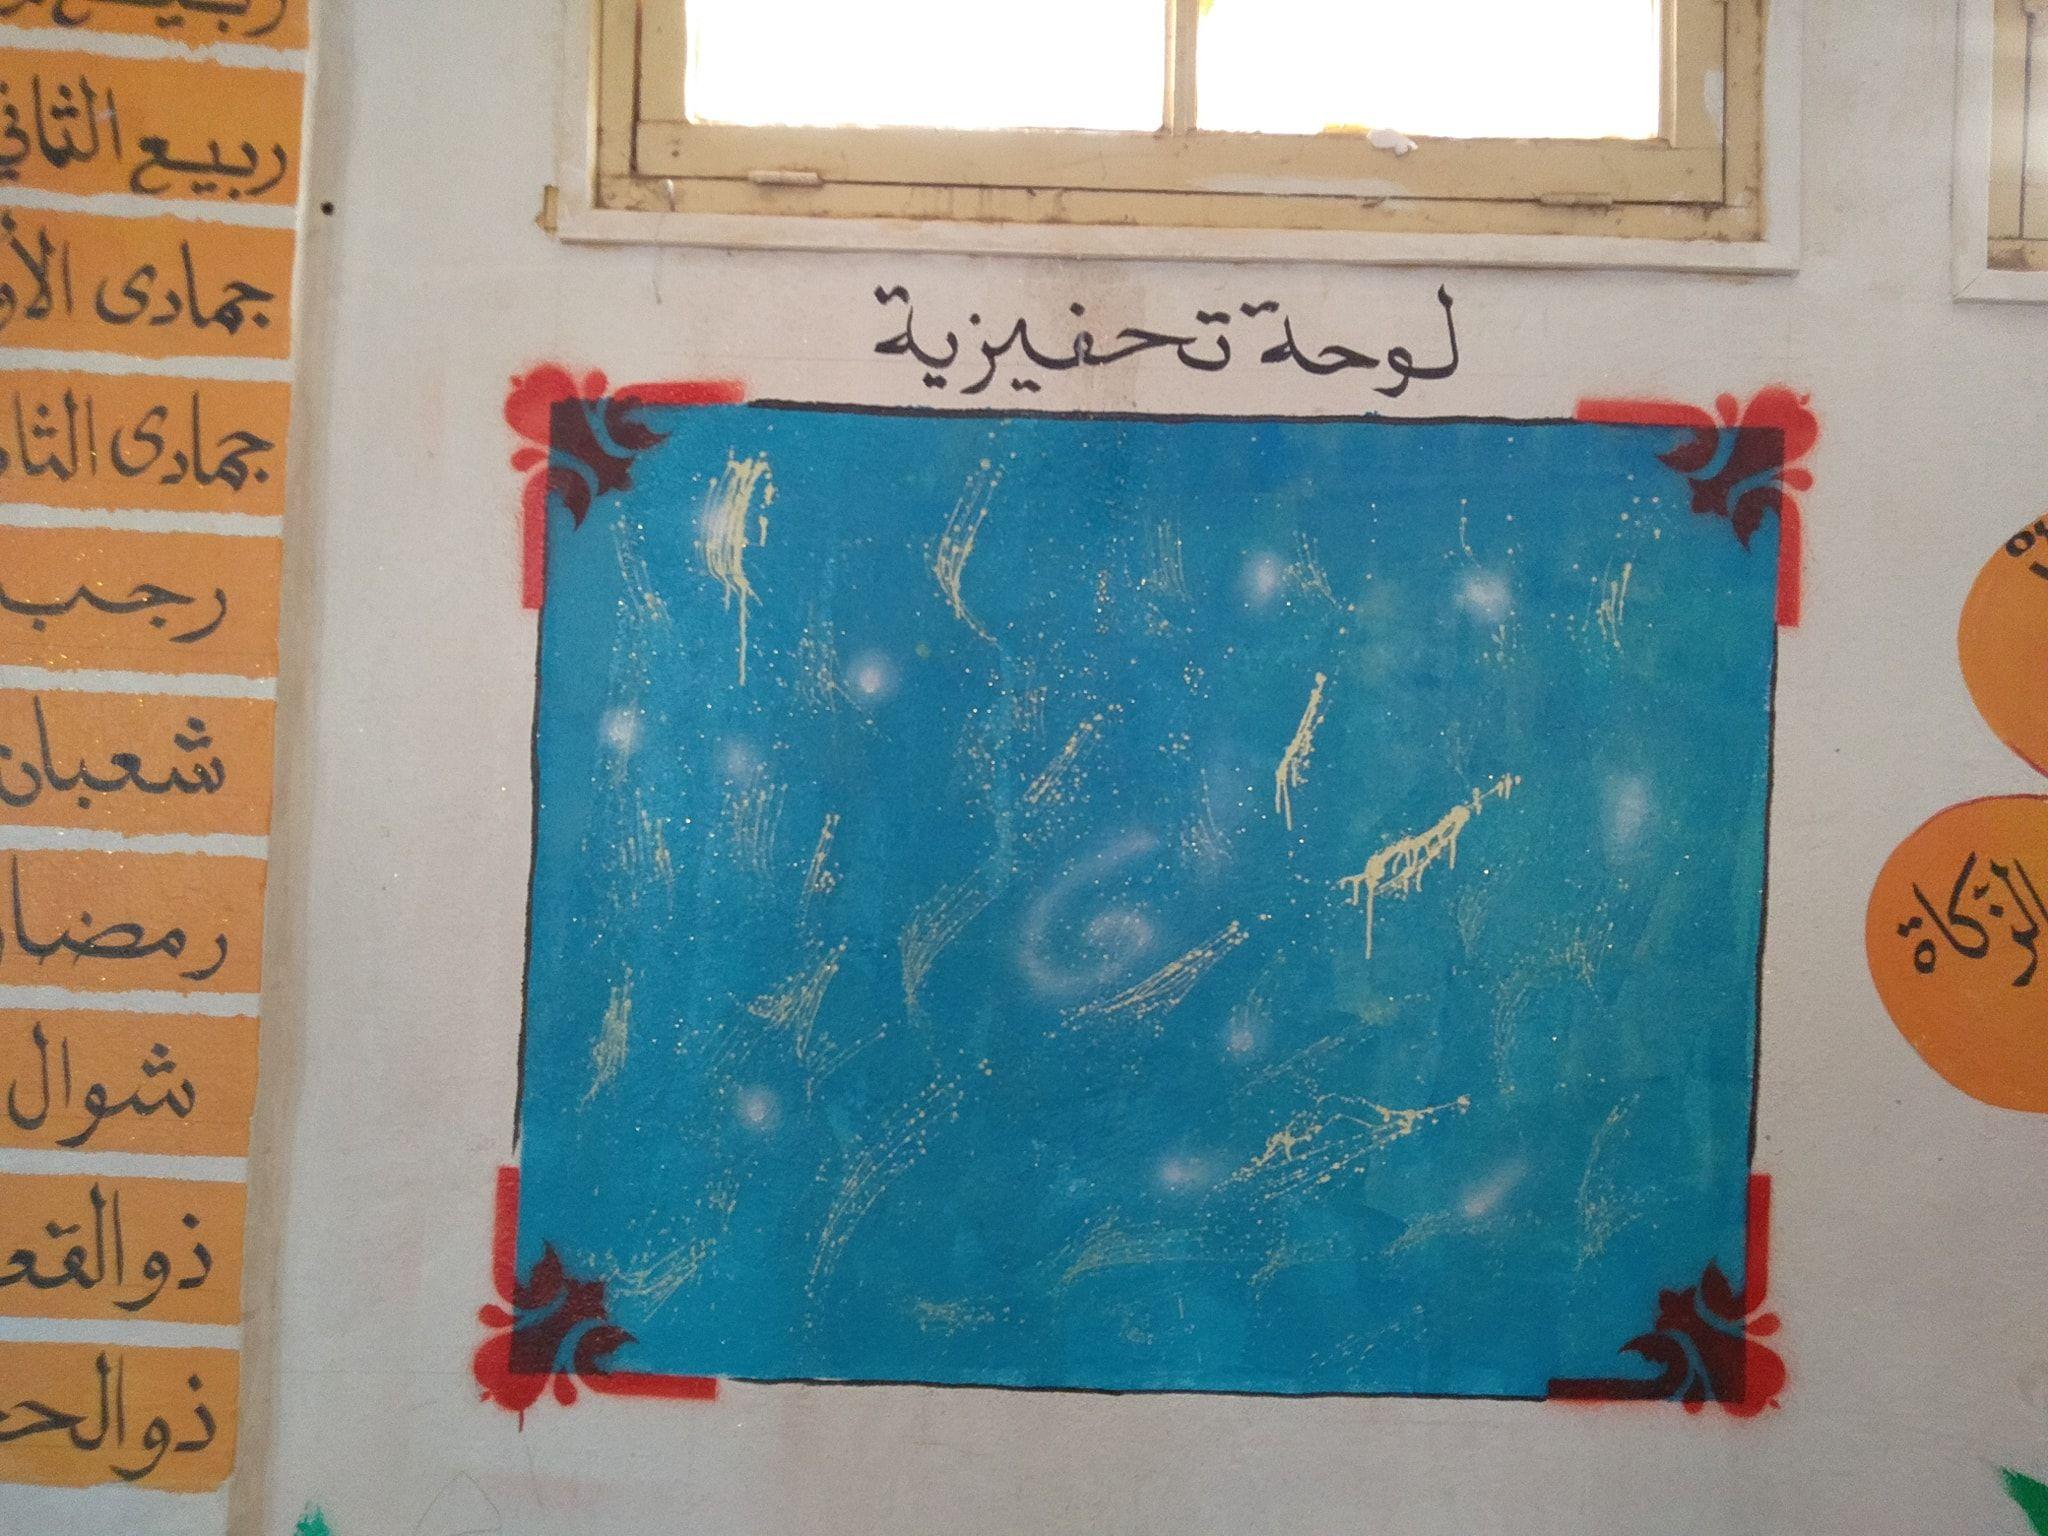 تزيين الفصل المدرسي لوحة تحفيزية